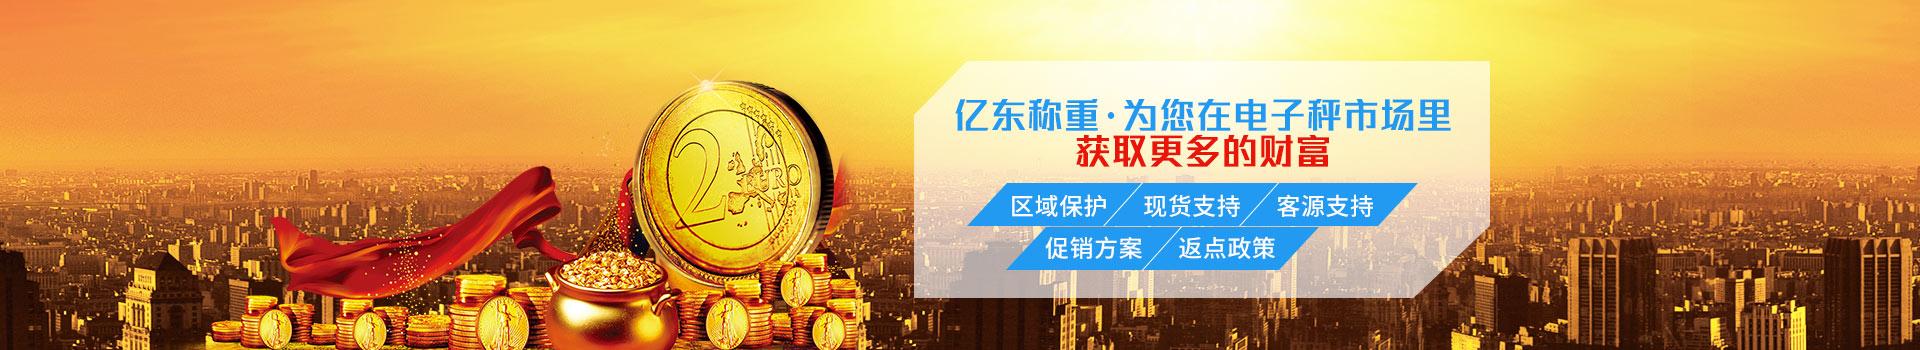 亿东称重,为您在电子秤市场里获取更多的财富